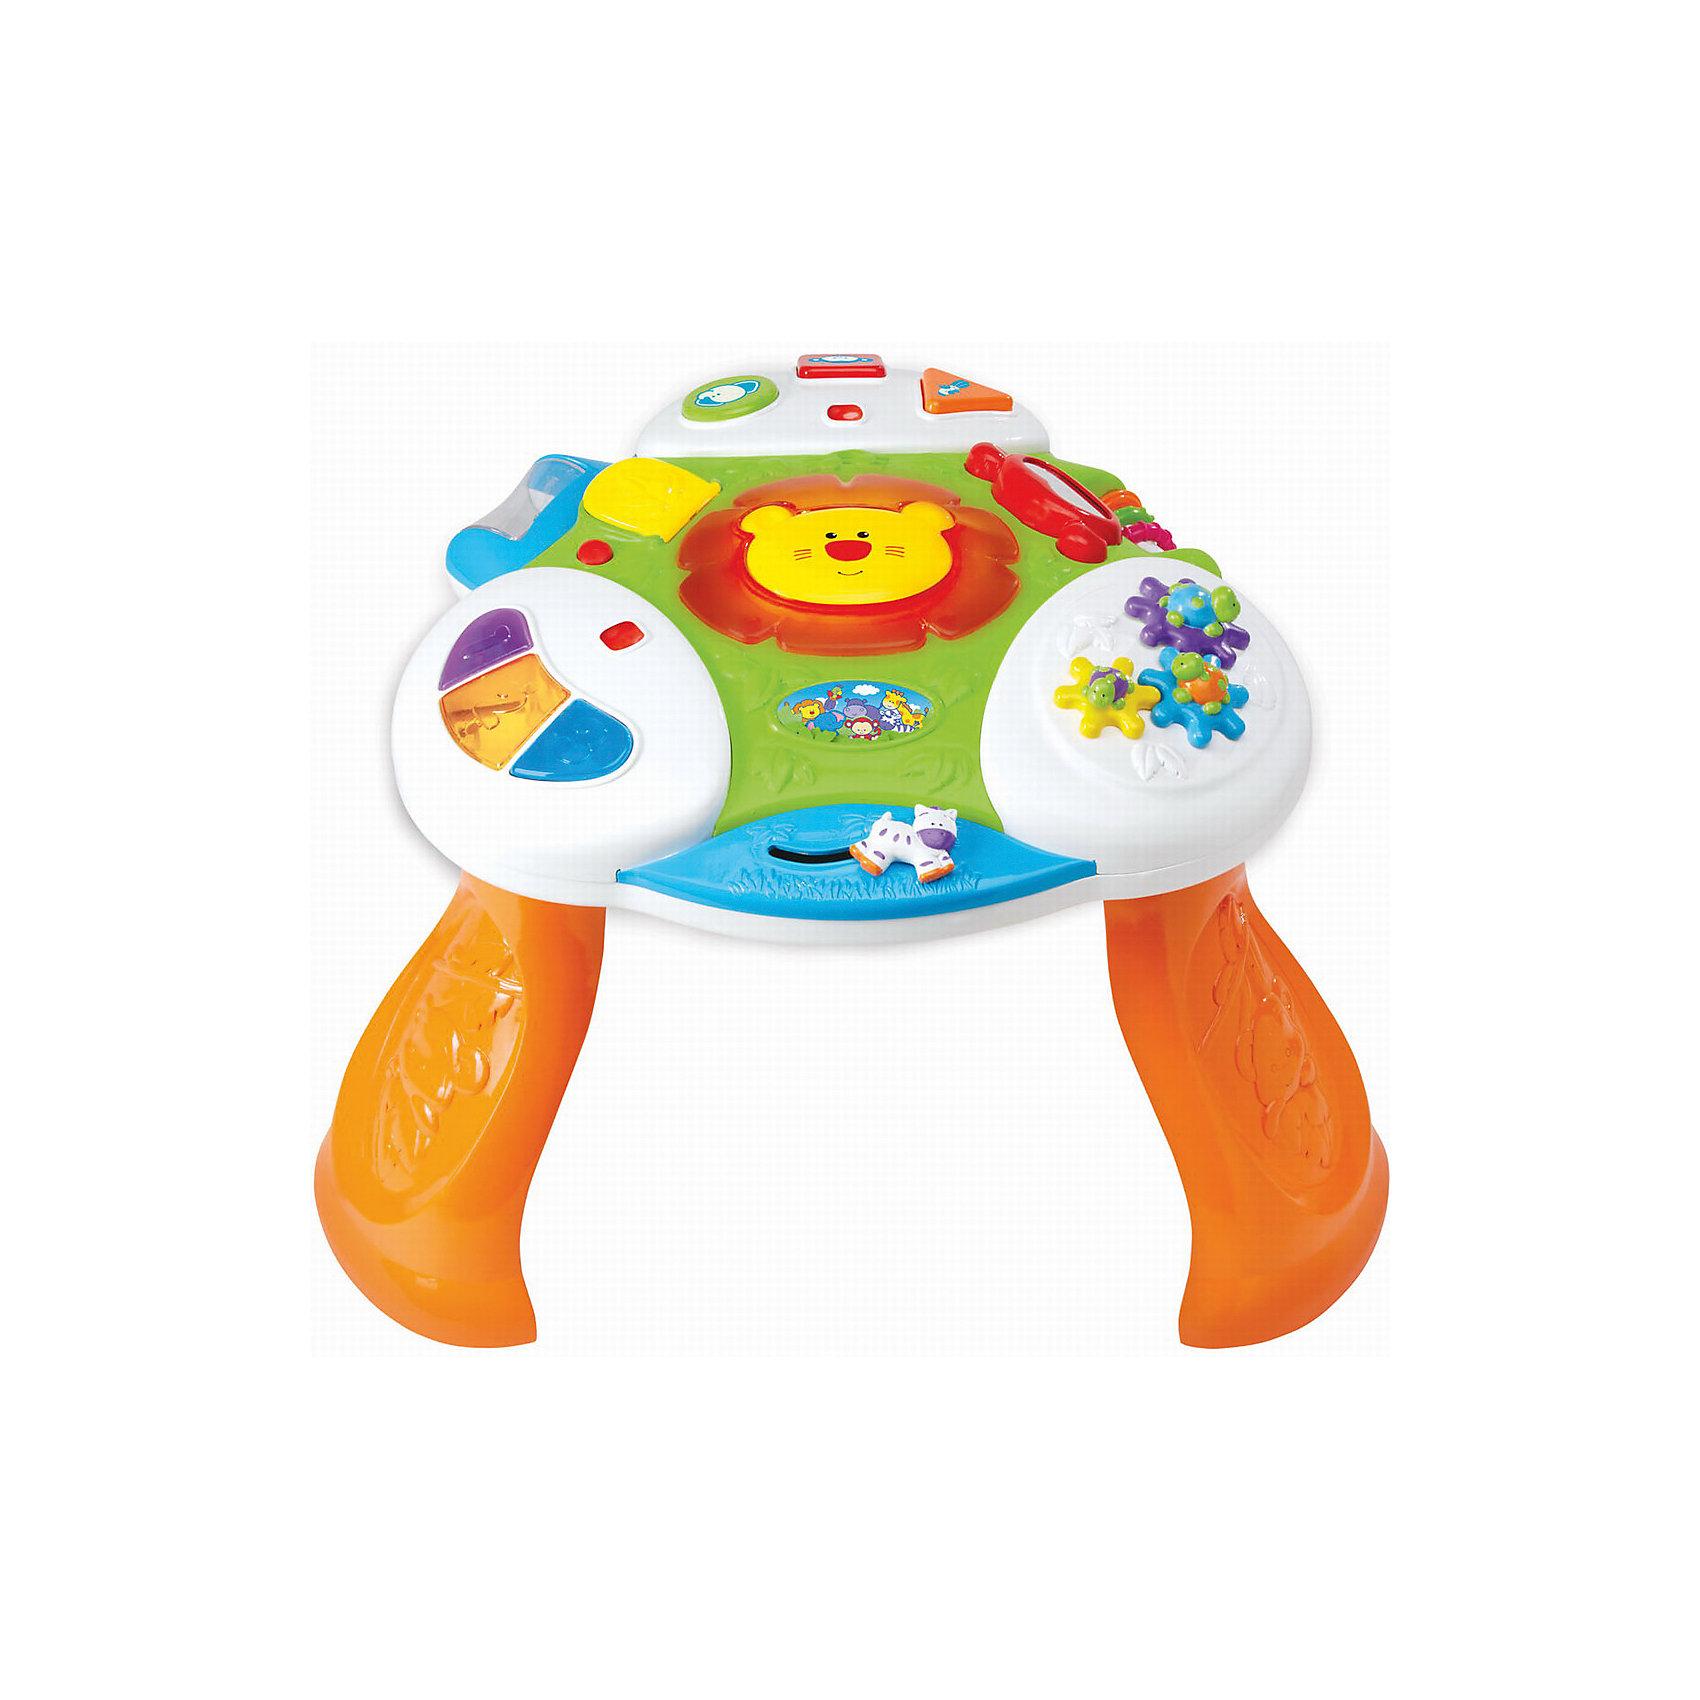 Развивающая игра Интерактивный стол, KiddielandИгровые столики и центры<br>Развивающая игра Интерактивный стол, Kiddieland<br><br>Характеристики:<br>- В набор входит: стол, элементы питания<br>- Материал: пластик<br>- Элементы питания: батарейки АА, 2 шт.<br>- Размер упаковки: 15 * 26 * 36 см.<br>Развивающий Интерактивный стол от известного китайского бренда игрушек для детей Kiddieland (Киддилэнд) будет прекрасным подарком для ребенка. Веселый львенок с подсветкой не даст скучать даже непоседам. Крутящиеся шестеренки с черепашками понравятся малышу своими яркими панцирями. Безопасное зеркальце, барабан с цветными шариками, который крутится и гремит, бегущая лошадка и цветные колечки на перекладинке помогут развить восприятие цвета, звука, логическое мышление и моторику пальчиков. Цветные кнопочки расскажут как говорят нарисованные на них животные. Изготовленная из пластика высокого качества, разноцветная игрушка способствует развитию памяти, воображения, восприятия цвета и звука, моторики рук.<br>Развивающую игру Интерактивный стол, Kiddieland (Киддилэнд) можно купить в нашем интернет-магазине.<br>Подробнее:<br>• Для детей в возрасте: от 1 до 3 лет<br>• Номер товара: 5054084<br>Страна производитель: Китай<br><br>Ширина мм: 640<br>Глубина мм: 460<br>Высота мм: 120<br>Вес г: 2670<br>Возраст от месяцев: 12<br>Возраст до месяцев: 36<br>Пол: Унисекс<br>Возраст: Детский<br>SKU: 5054084